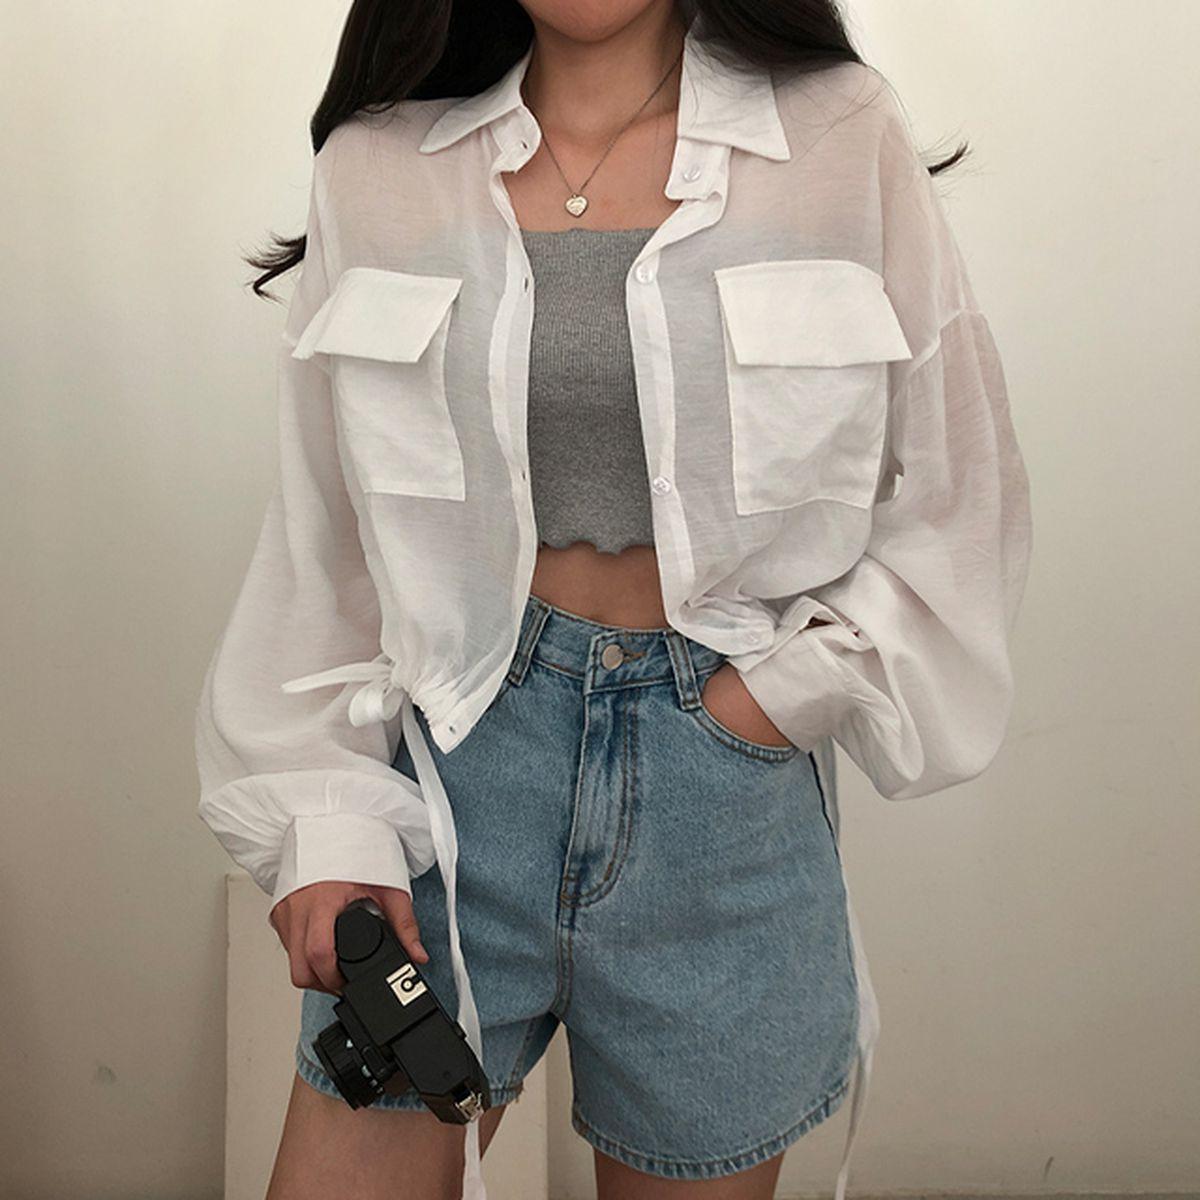 シースルーストリングクロップシャツジャケット